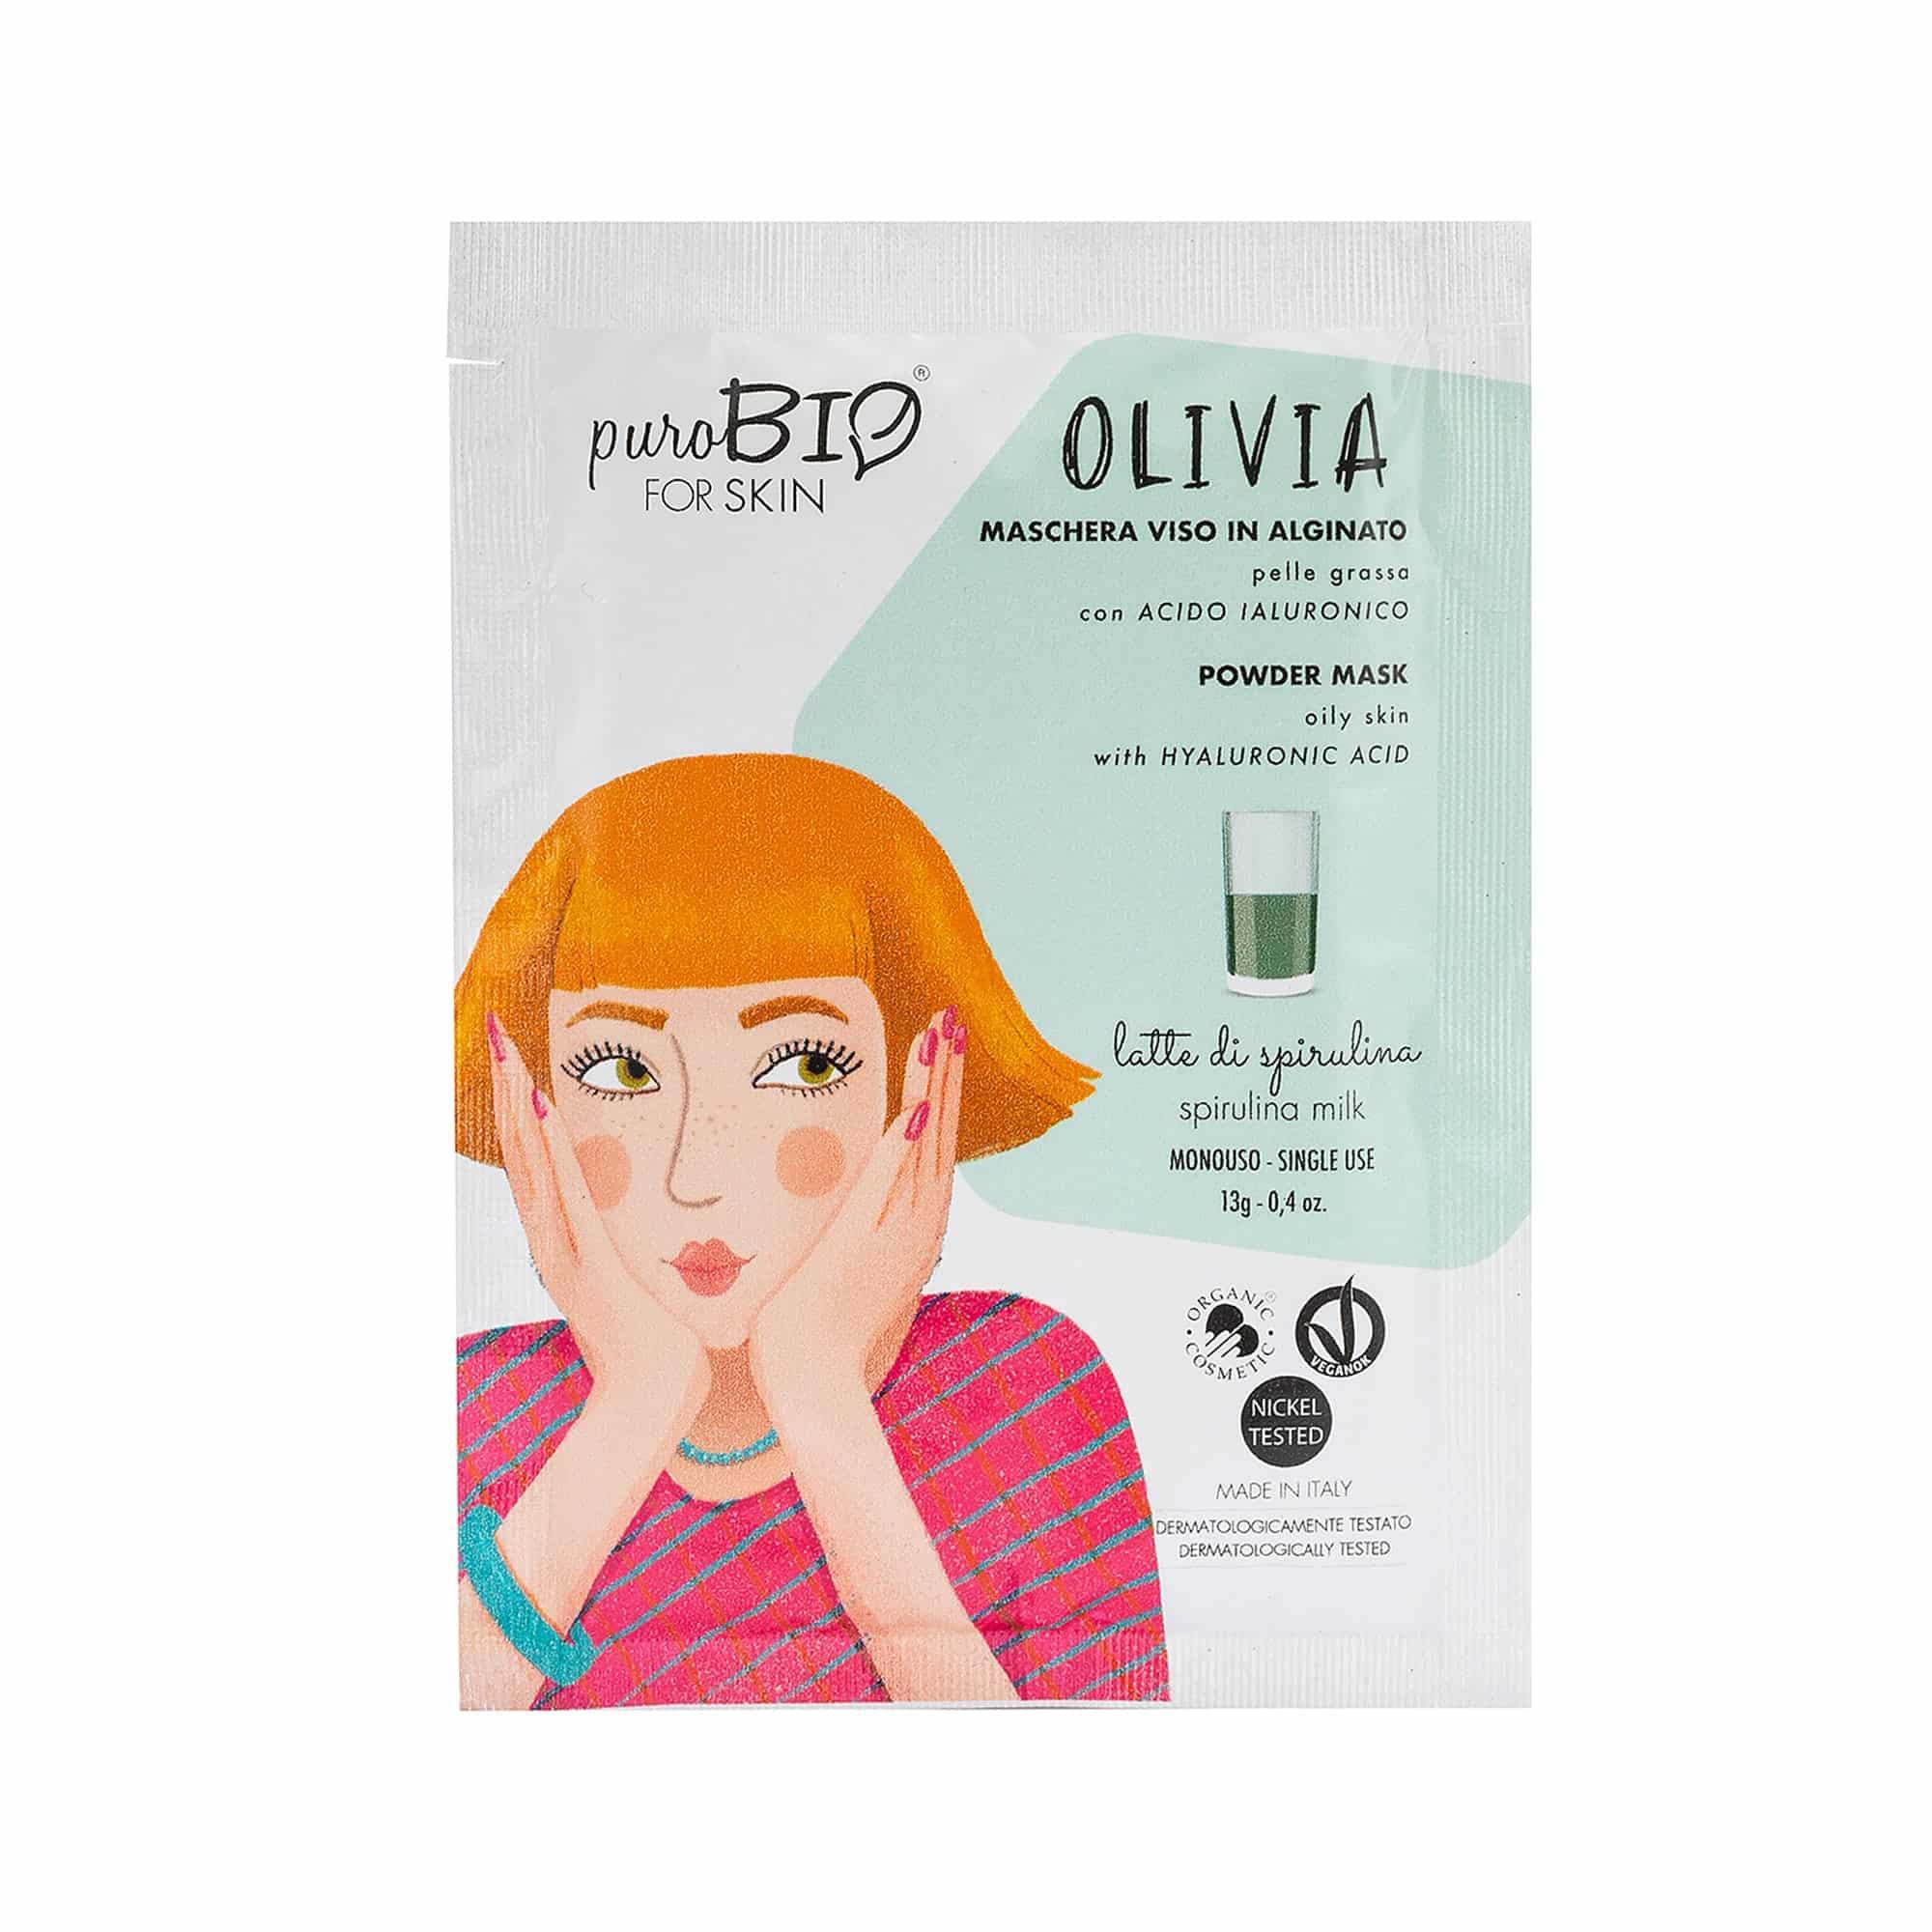 Olivia-lait de spiruline-min